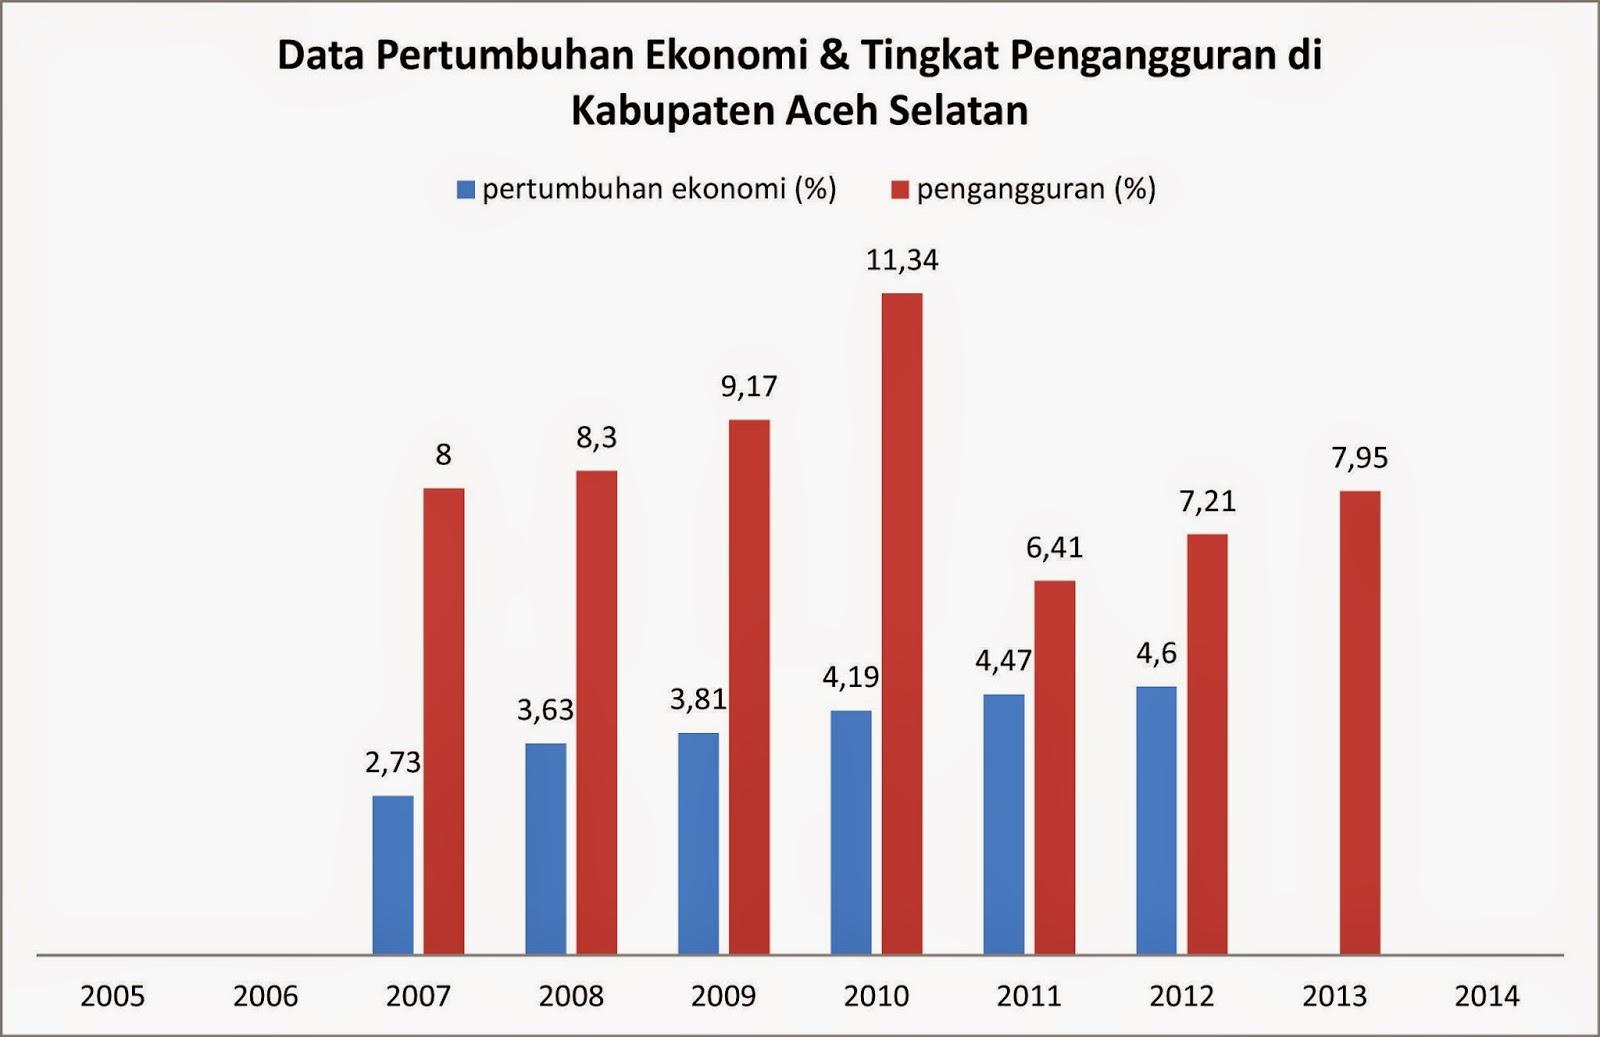 Data pertumbuhan ekonomi tingkat pengangguran di kabupaten aceh berdasarkan data dari badan pusat statistik bps aceh selatan yang mengutip hasil pendataan sensus tahun 2012 mengungkapkan jumlah pengangguran di ccuart Choice Image